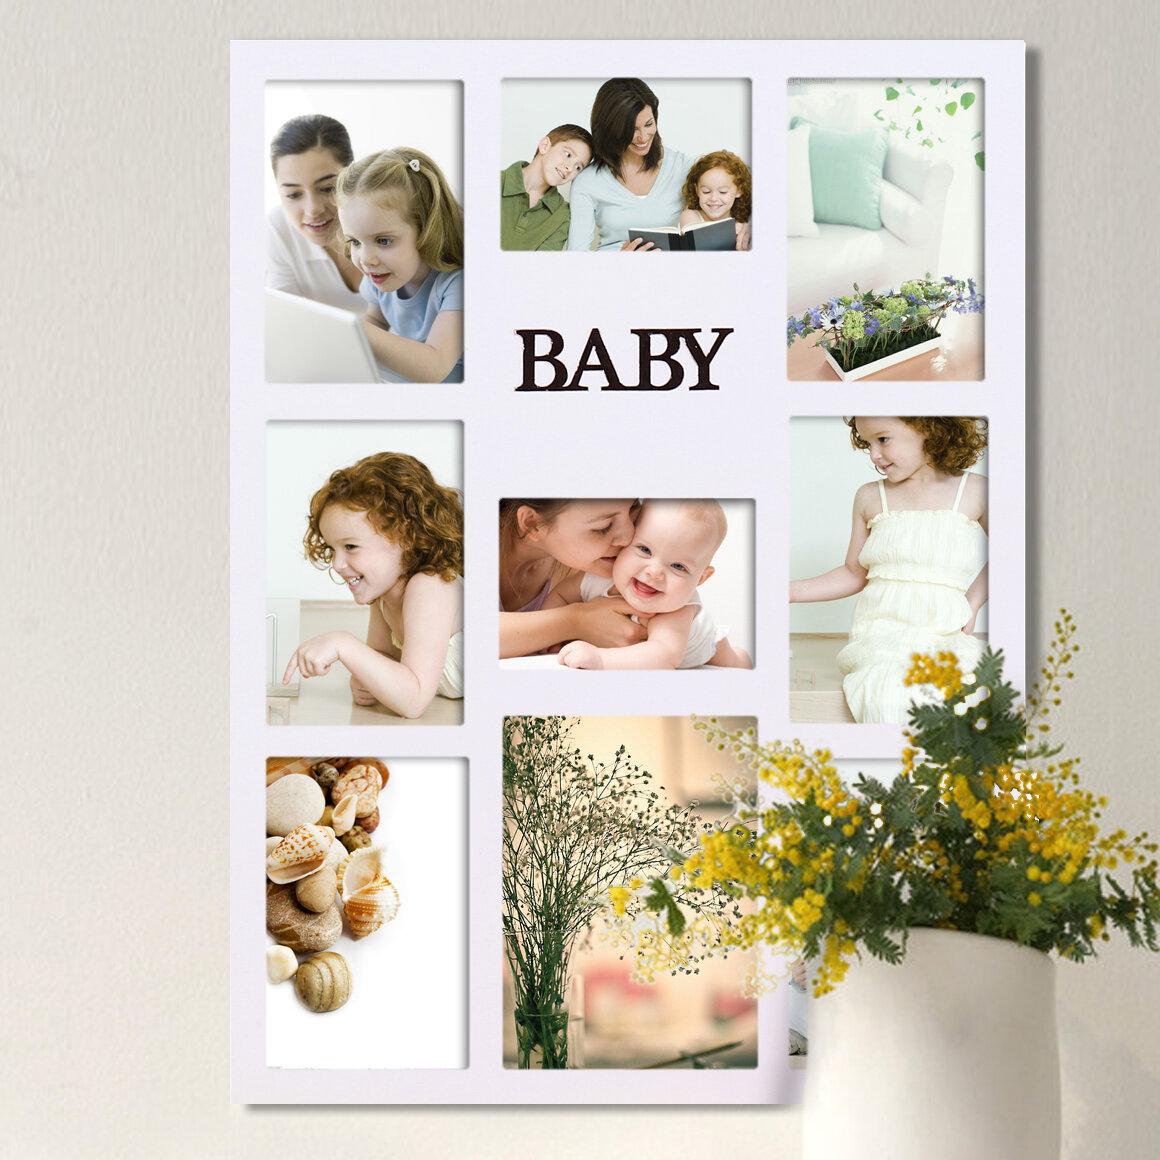 Adeco trading 9 opening decorative baby wall hanging collage adeco trading 9 opening decorative 034 baby 034 jeuxipadfo Images